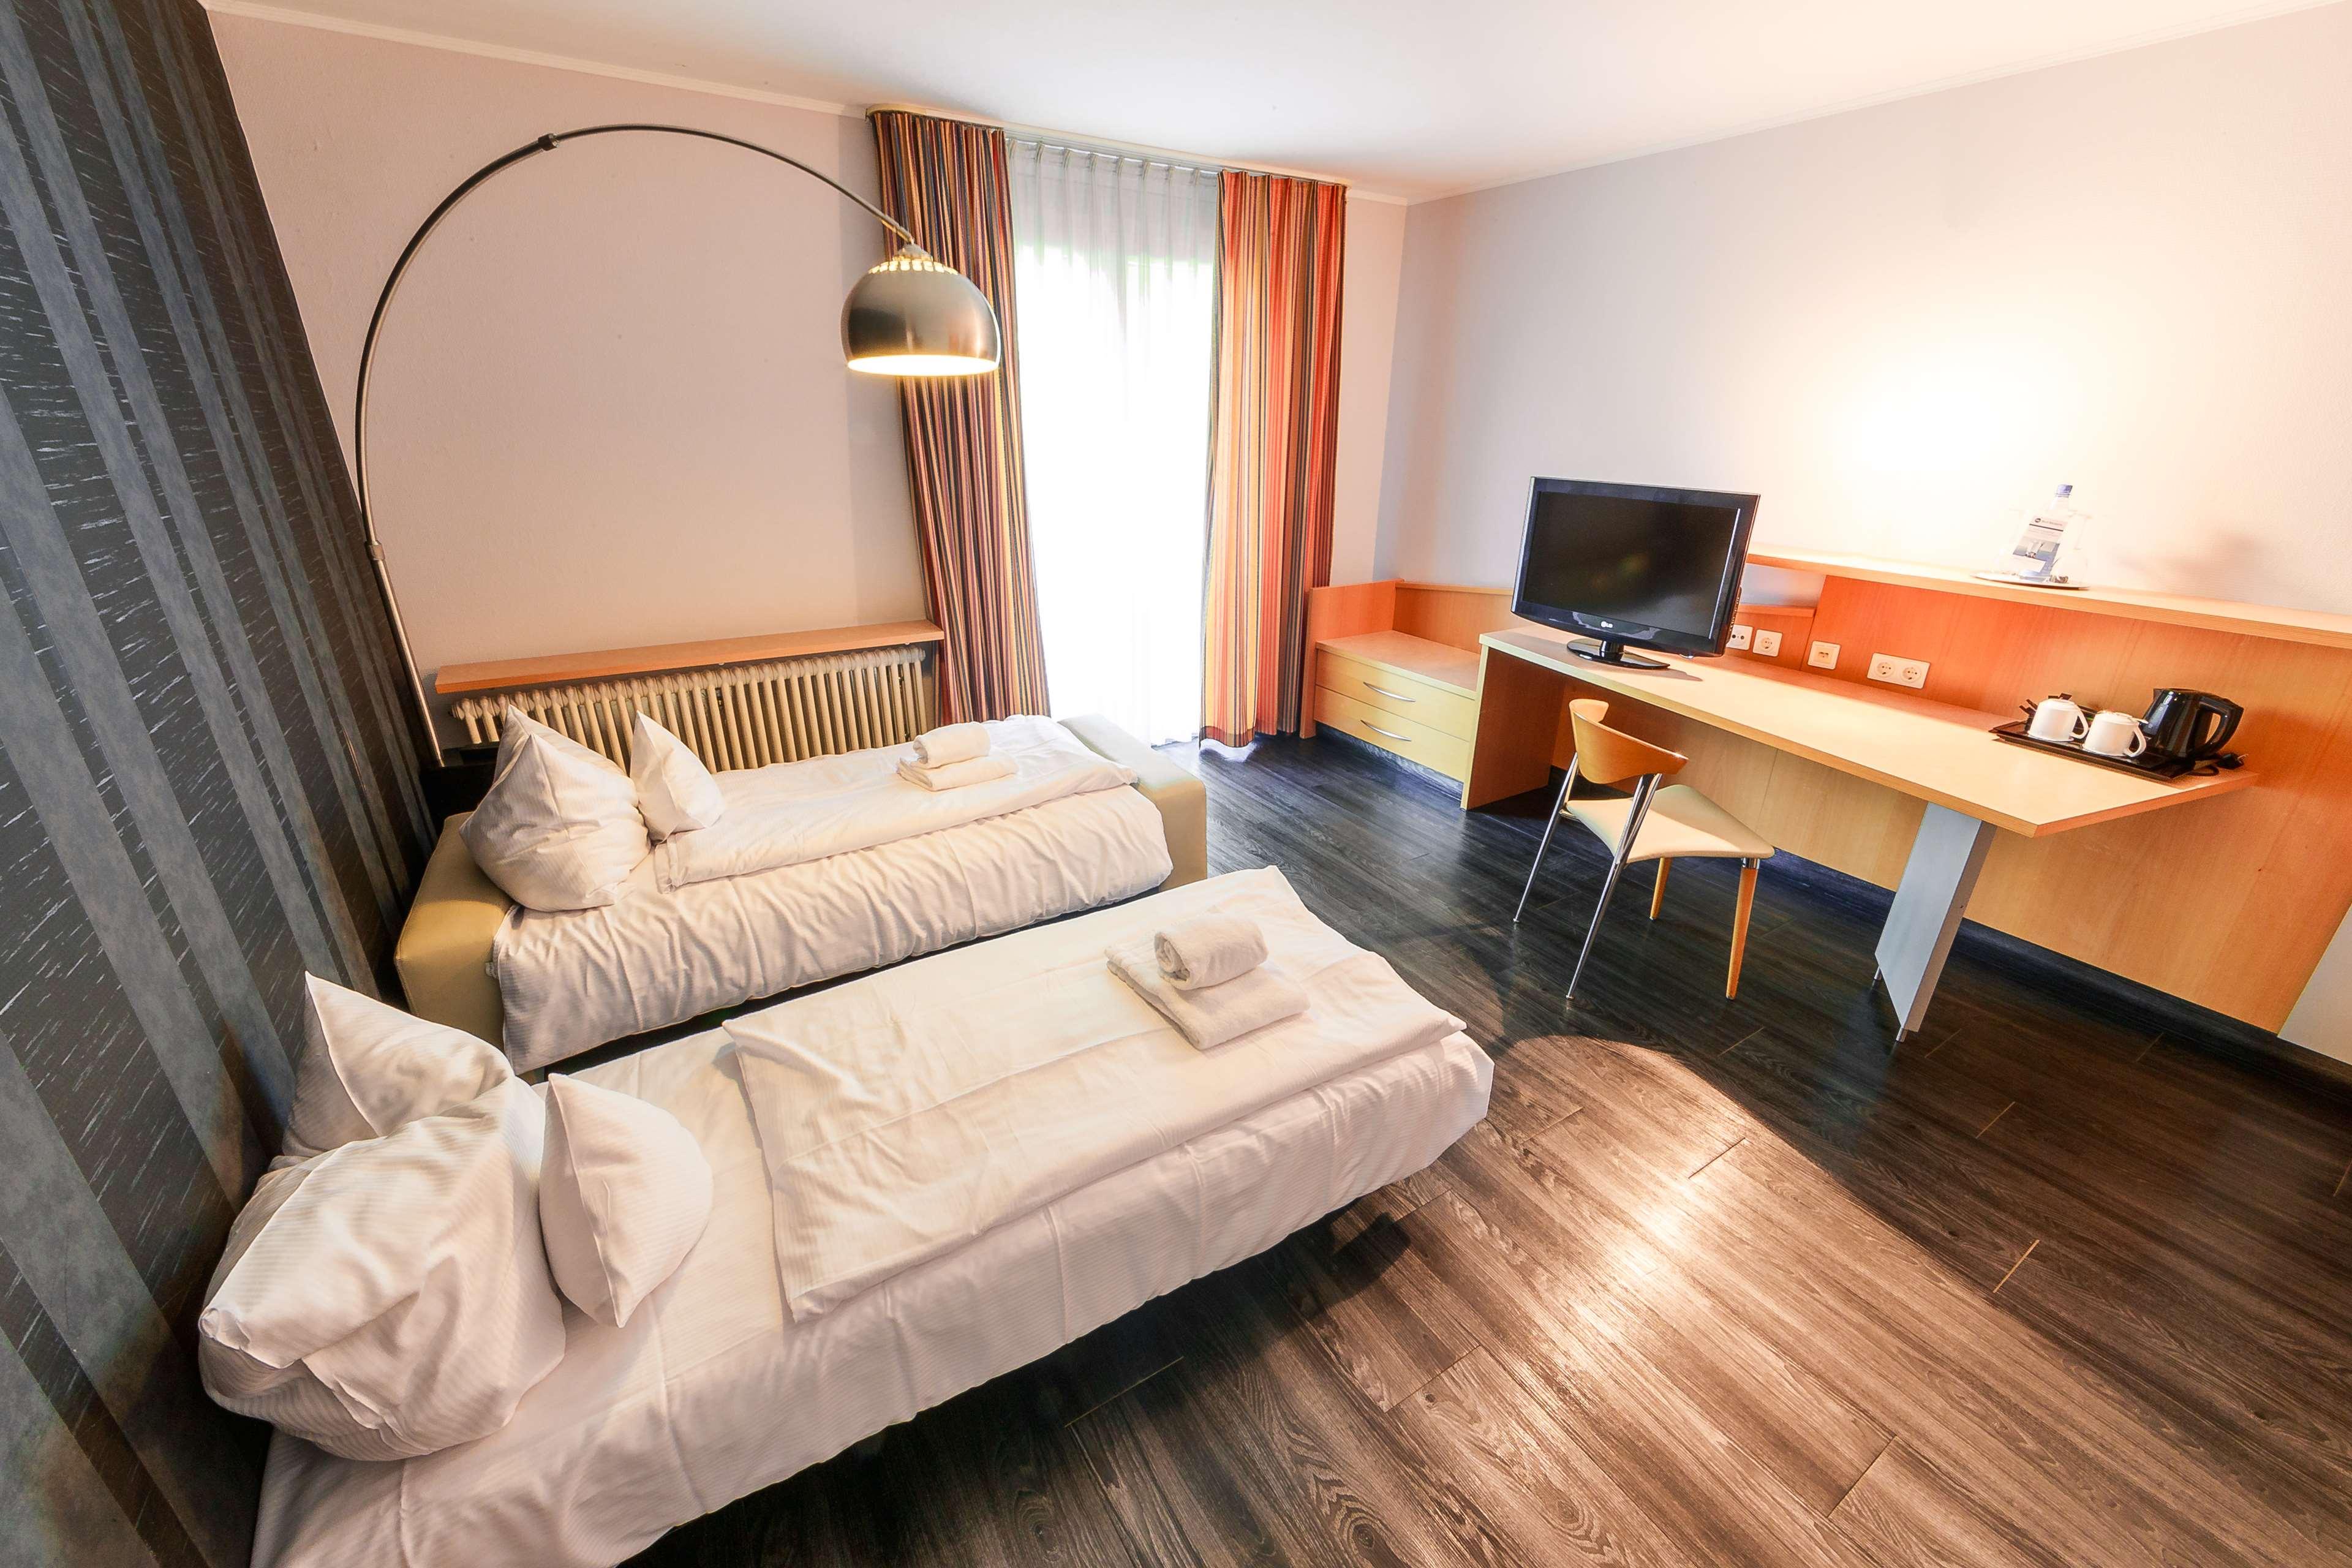 Best Western Plazahotel Stuttgart-Ditzingen